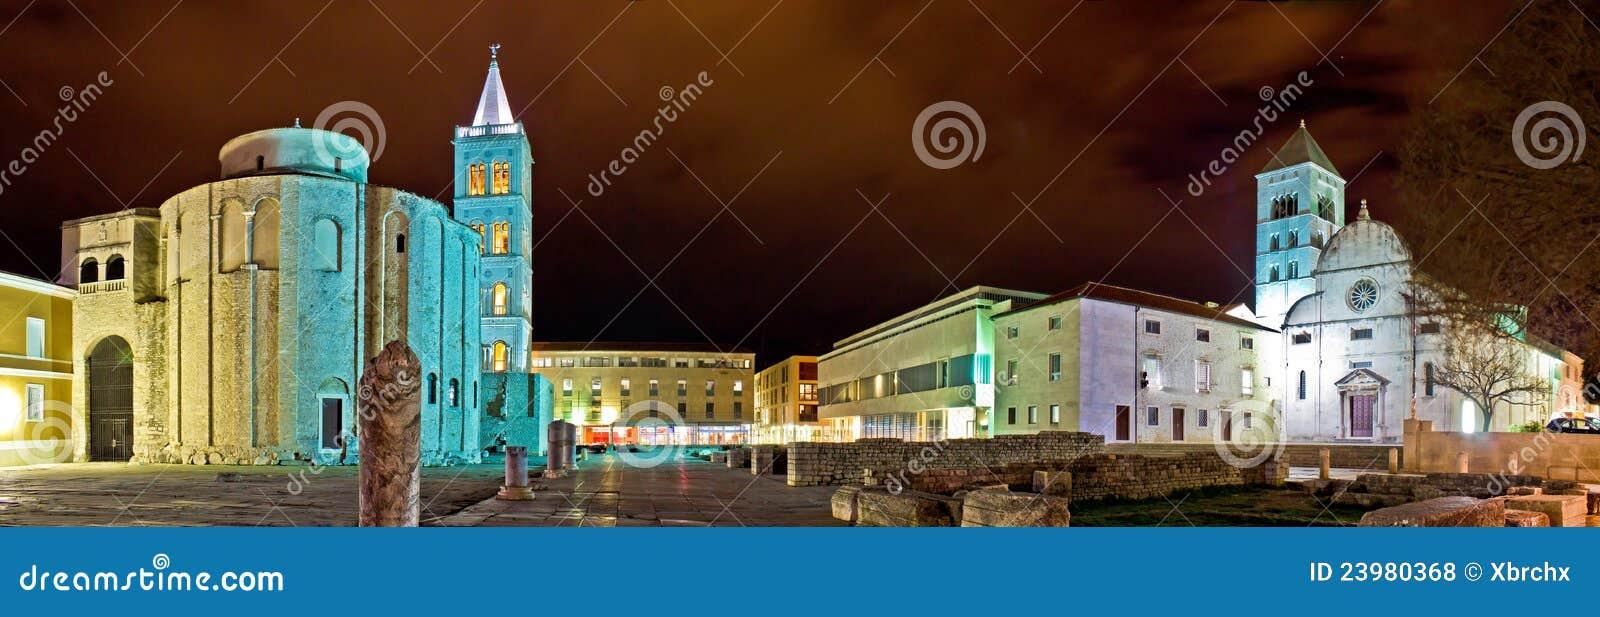 Vieille vue panoramique carrée de nuit de Zadar